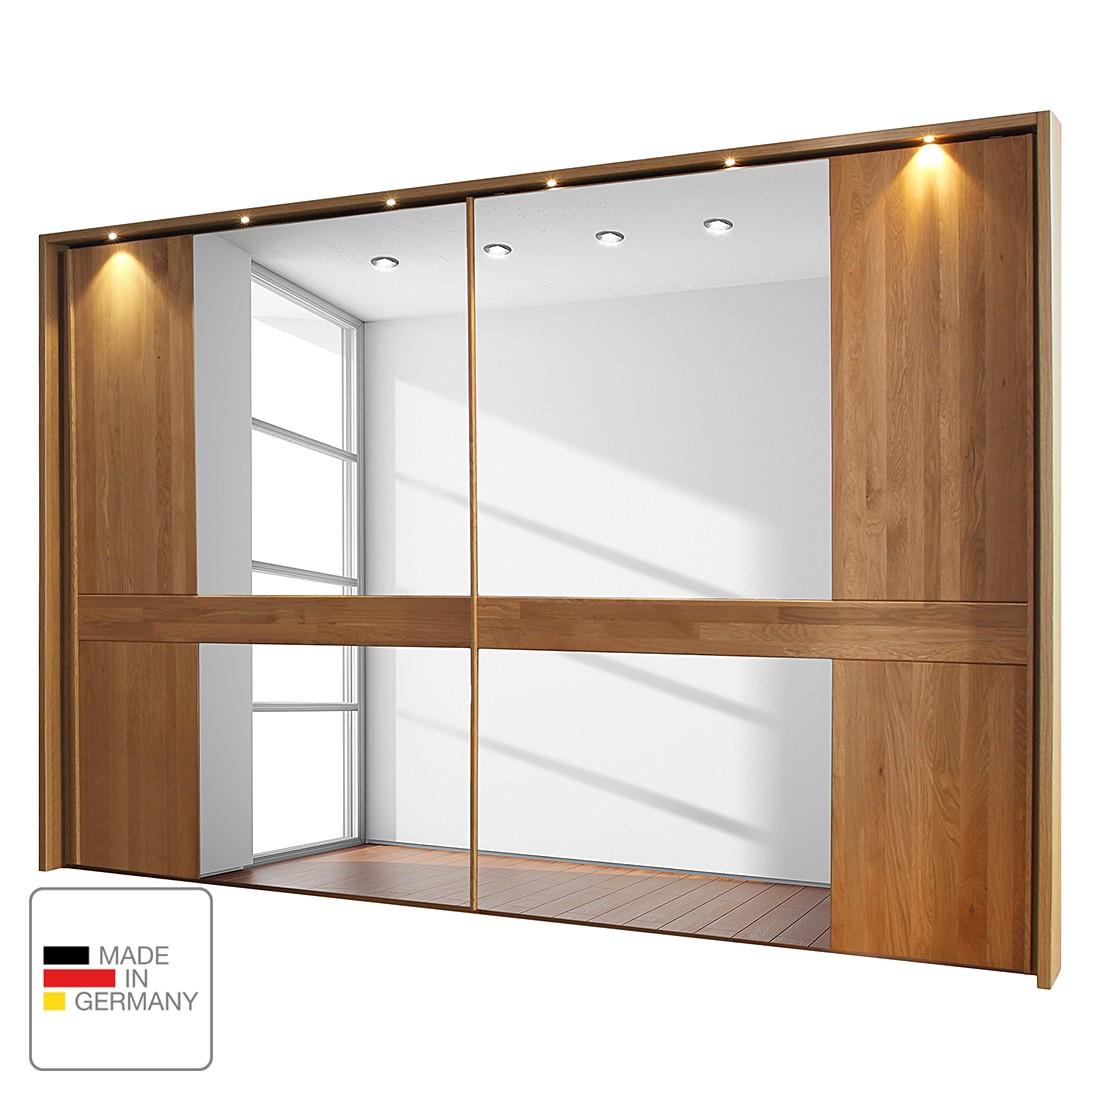 goedkoop energie A+ Schuifdeurkast Faro gelakt massief eikenhout 250cm 2 deurs Met verlichte Passe partout lijst Wiemann